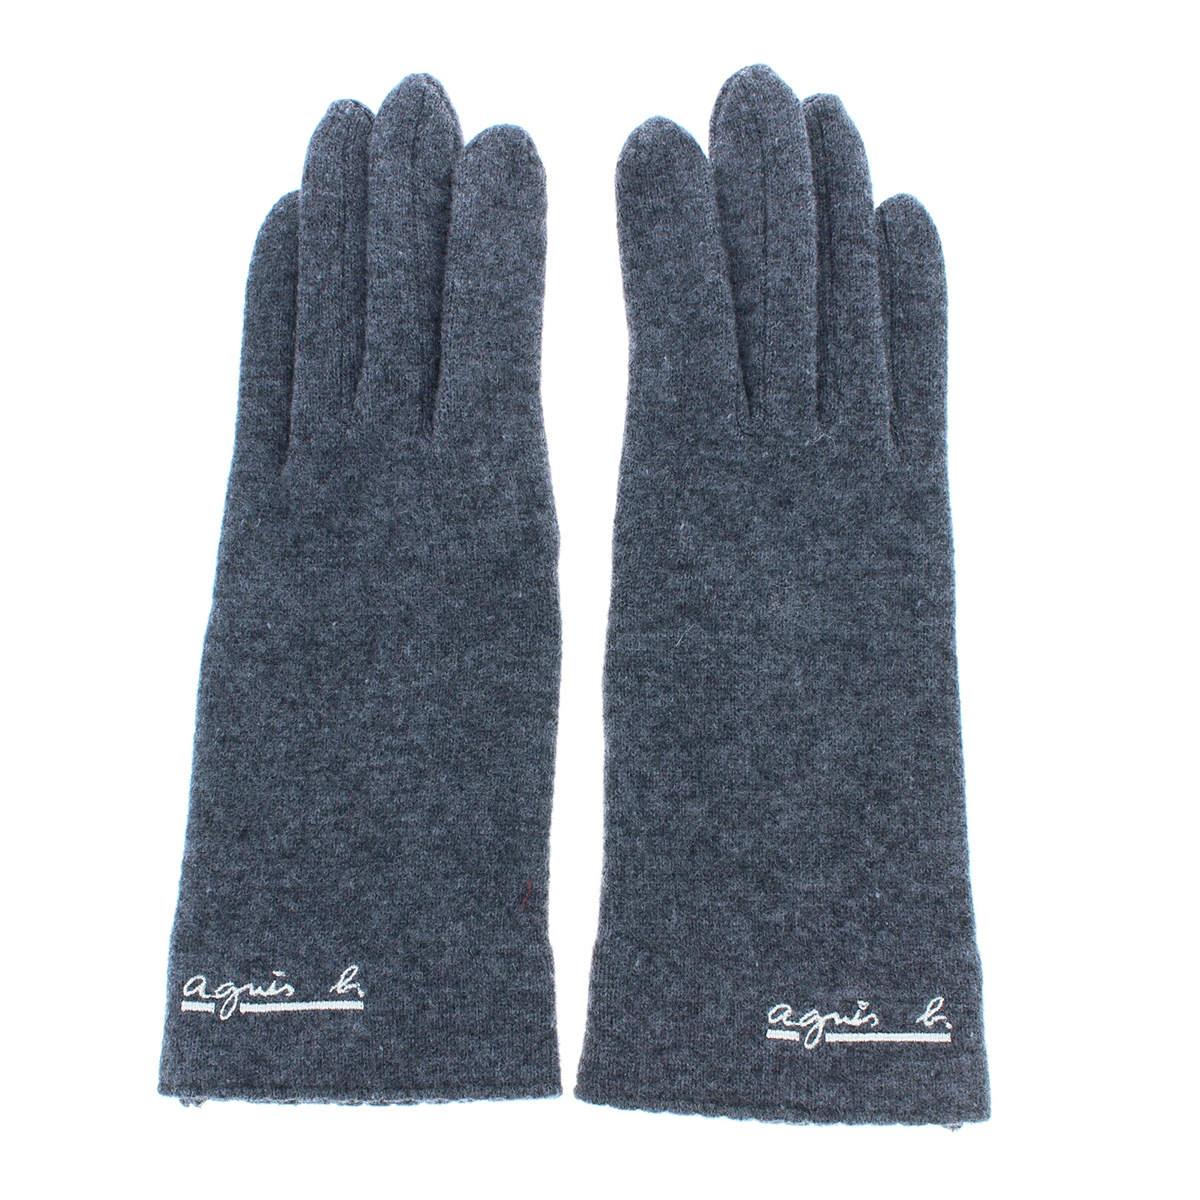 アニエスベー agnes b. レディース ウール100% ジャージ手袋 人気ブランド スマホ対応 五本指 シンプル ベーシック フリーサイズ プレセントに最適